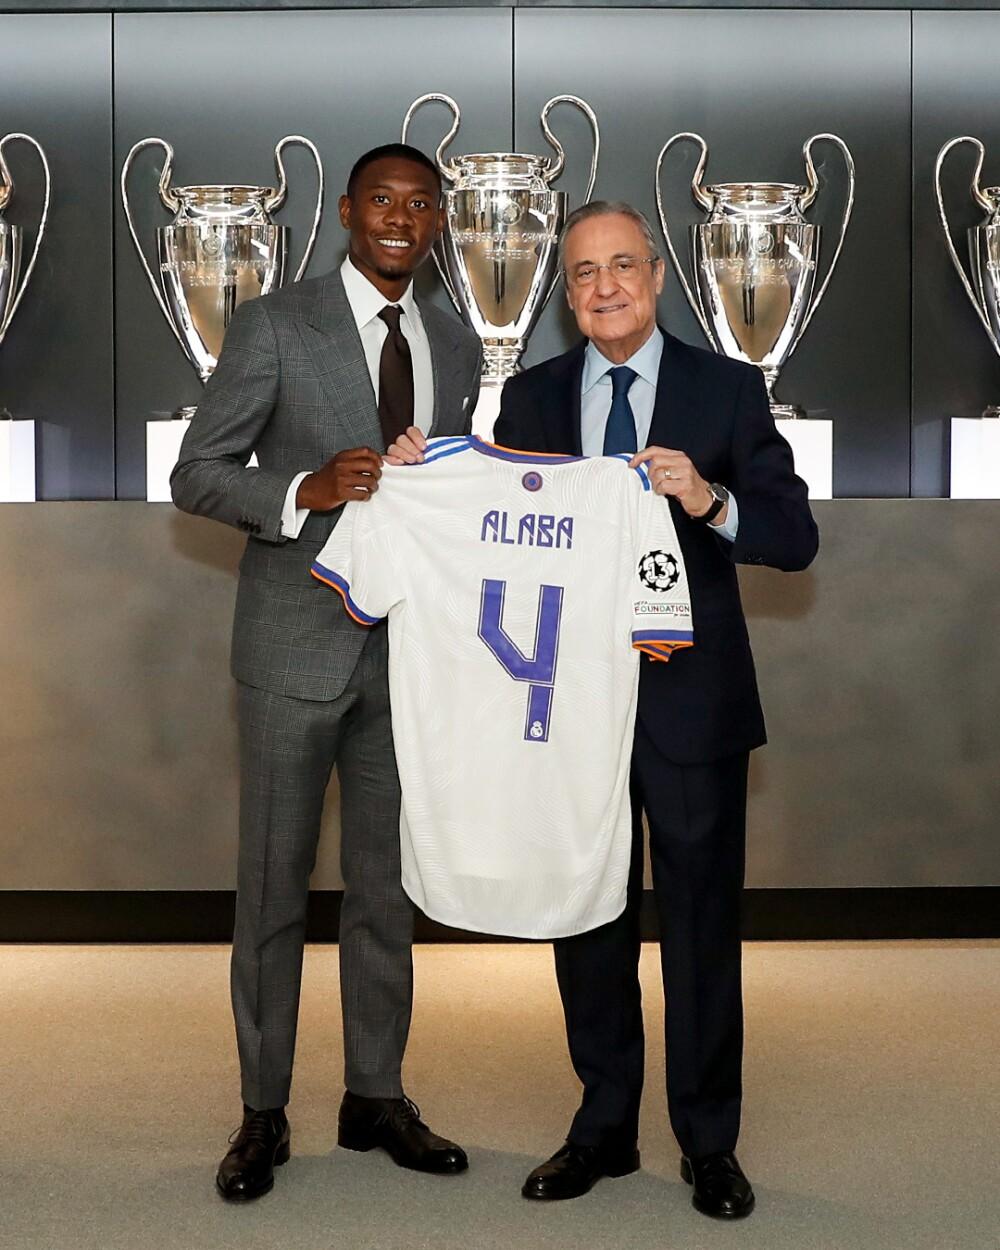 David Alaba, en la presentación como jugador del Real Madrid. @realmadrid.jpg